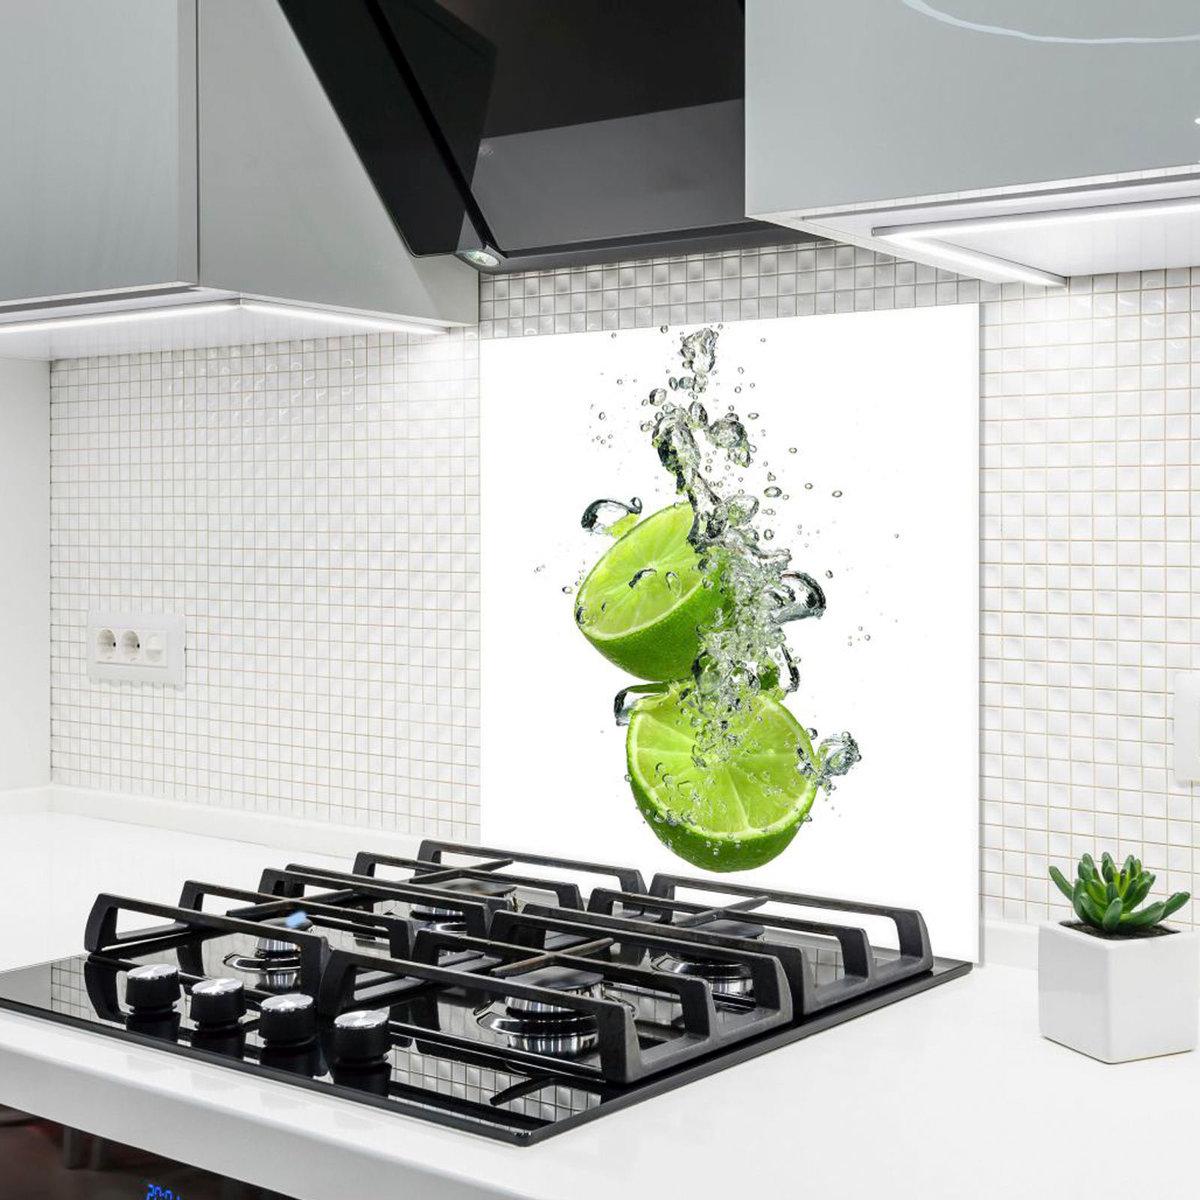 Bild 2 von Küchenrückwand aus Glas - LIMETTE - 60x65 cm